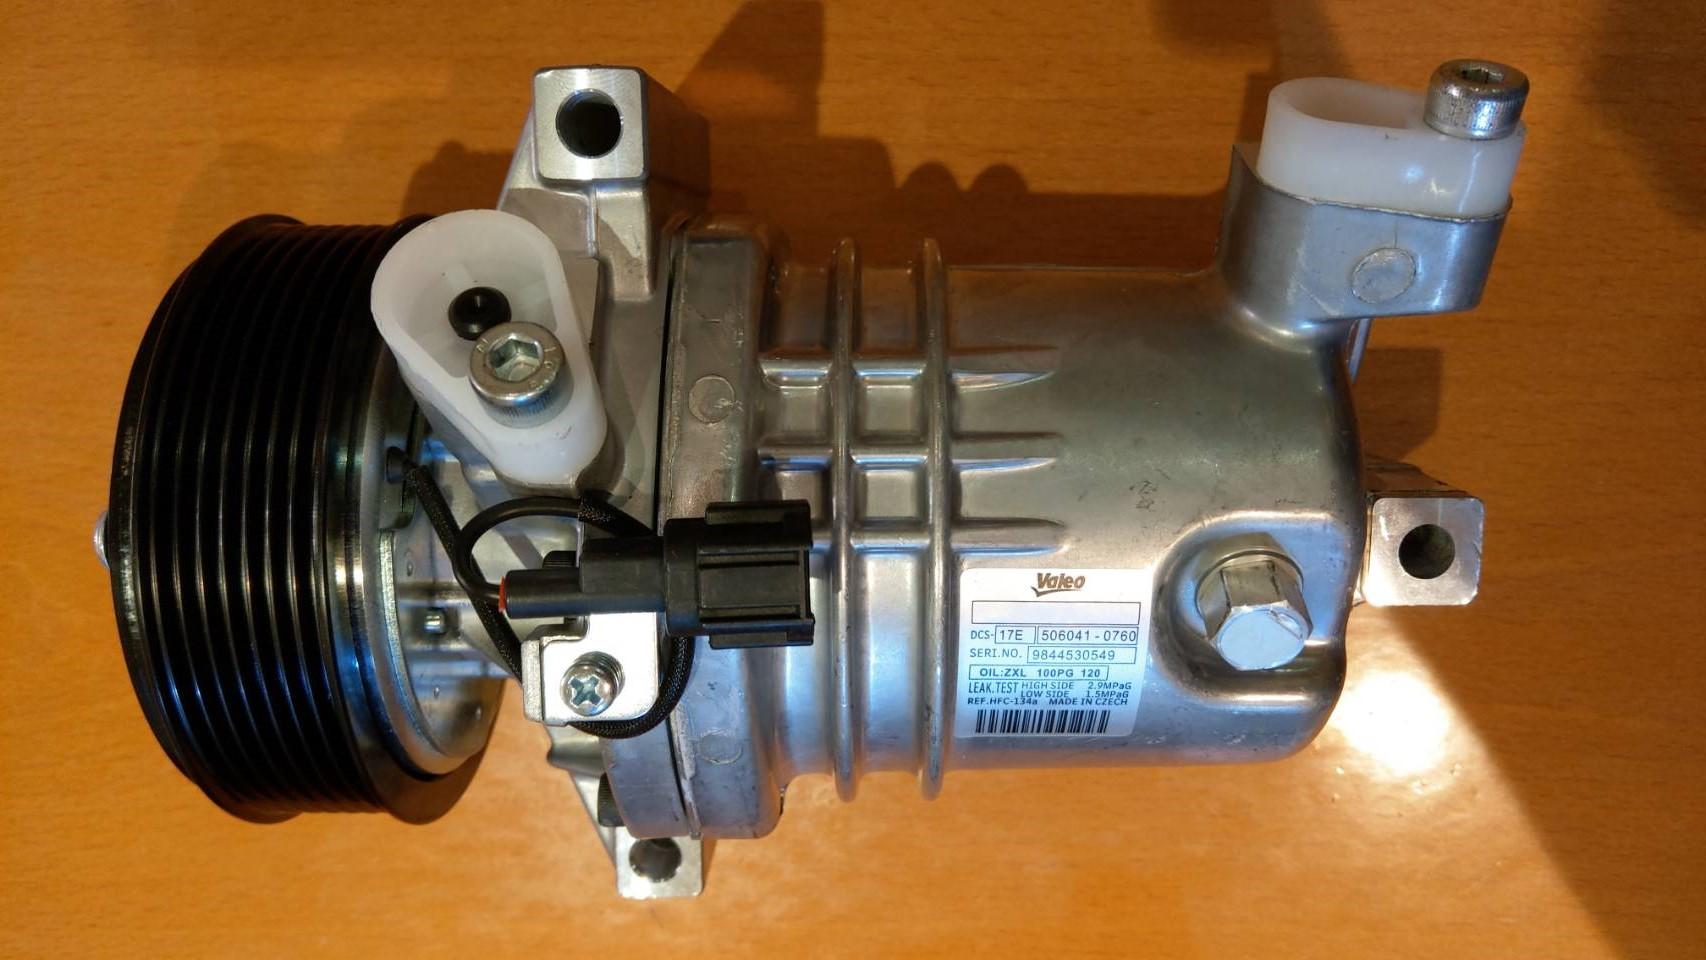 全新 Nissan 日產 Livina / Tiida 1.6 1.8  07-12 冷氣壓縮機 保固2年6萬公里